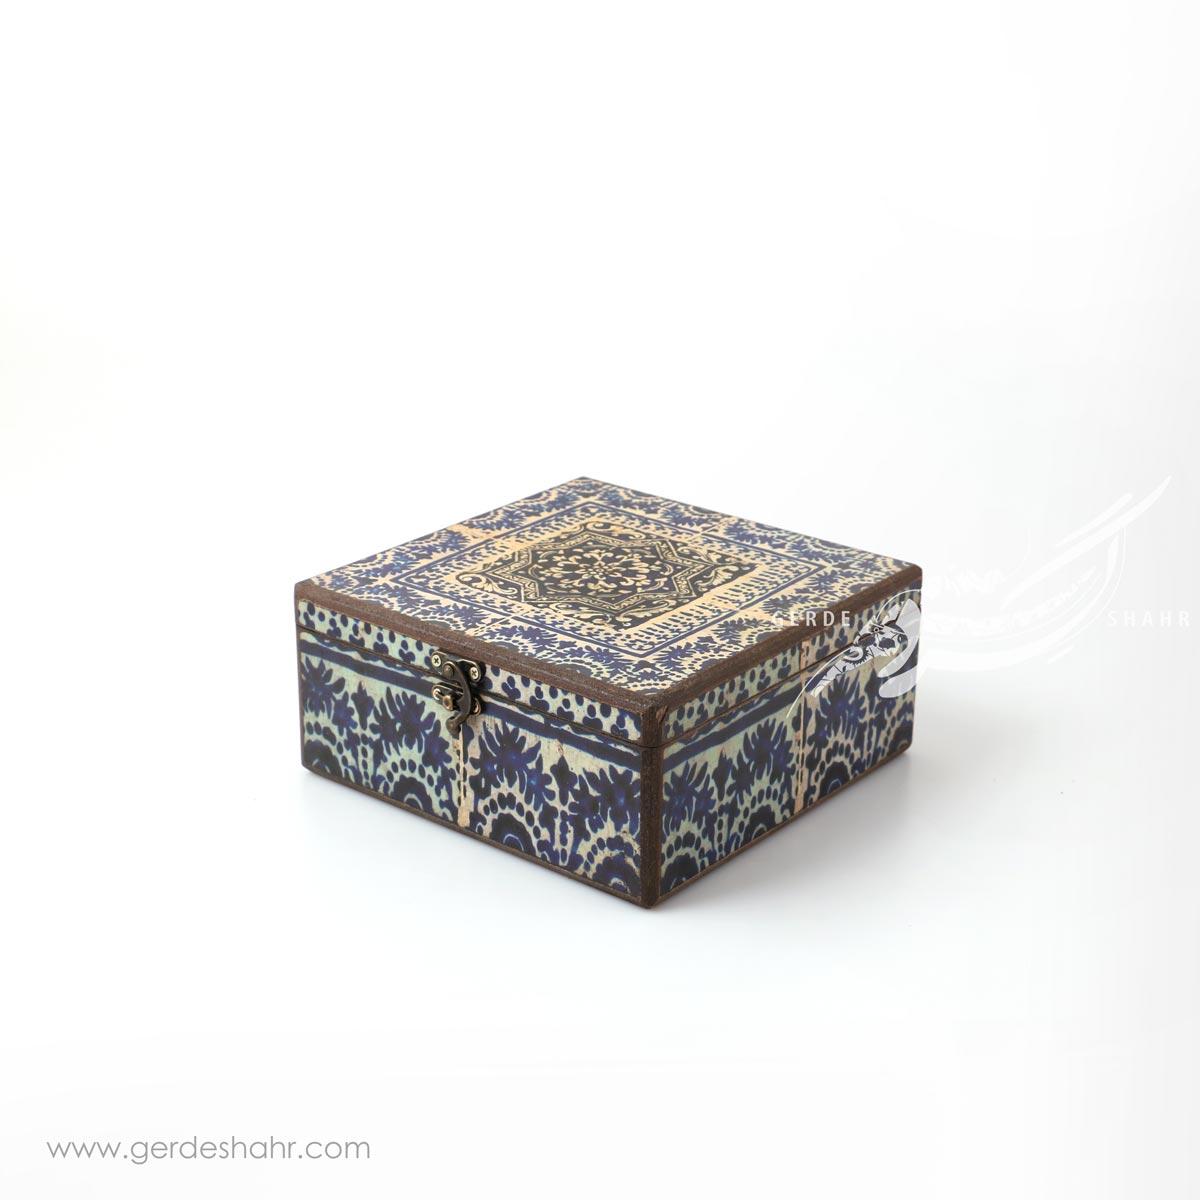 جعبه چوبی کاشی آبی سایز 20 هفتگان محصولات